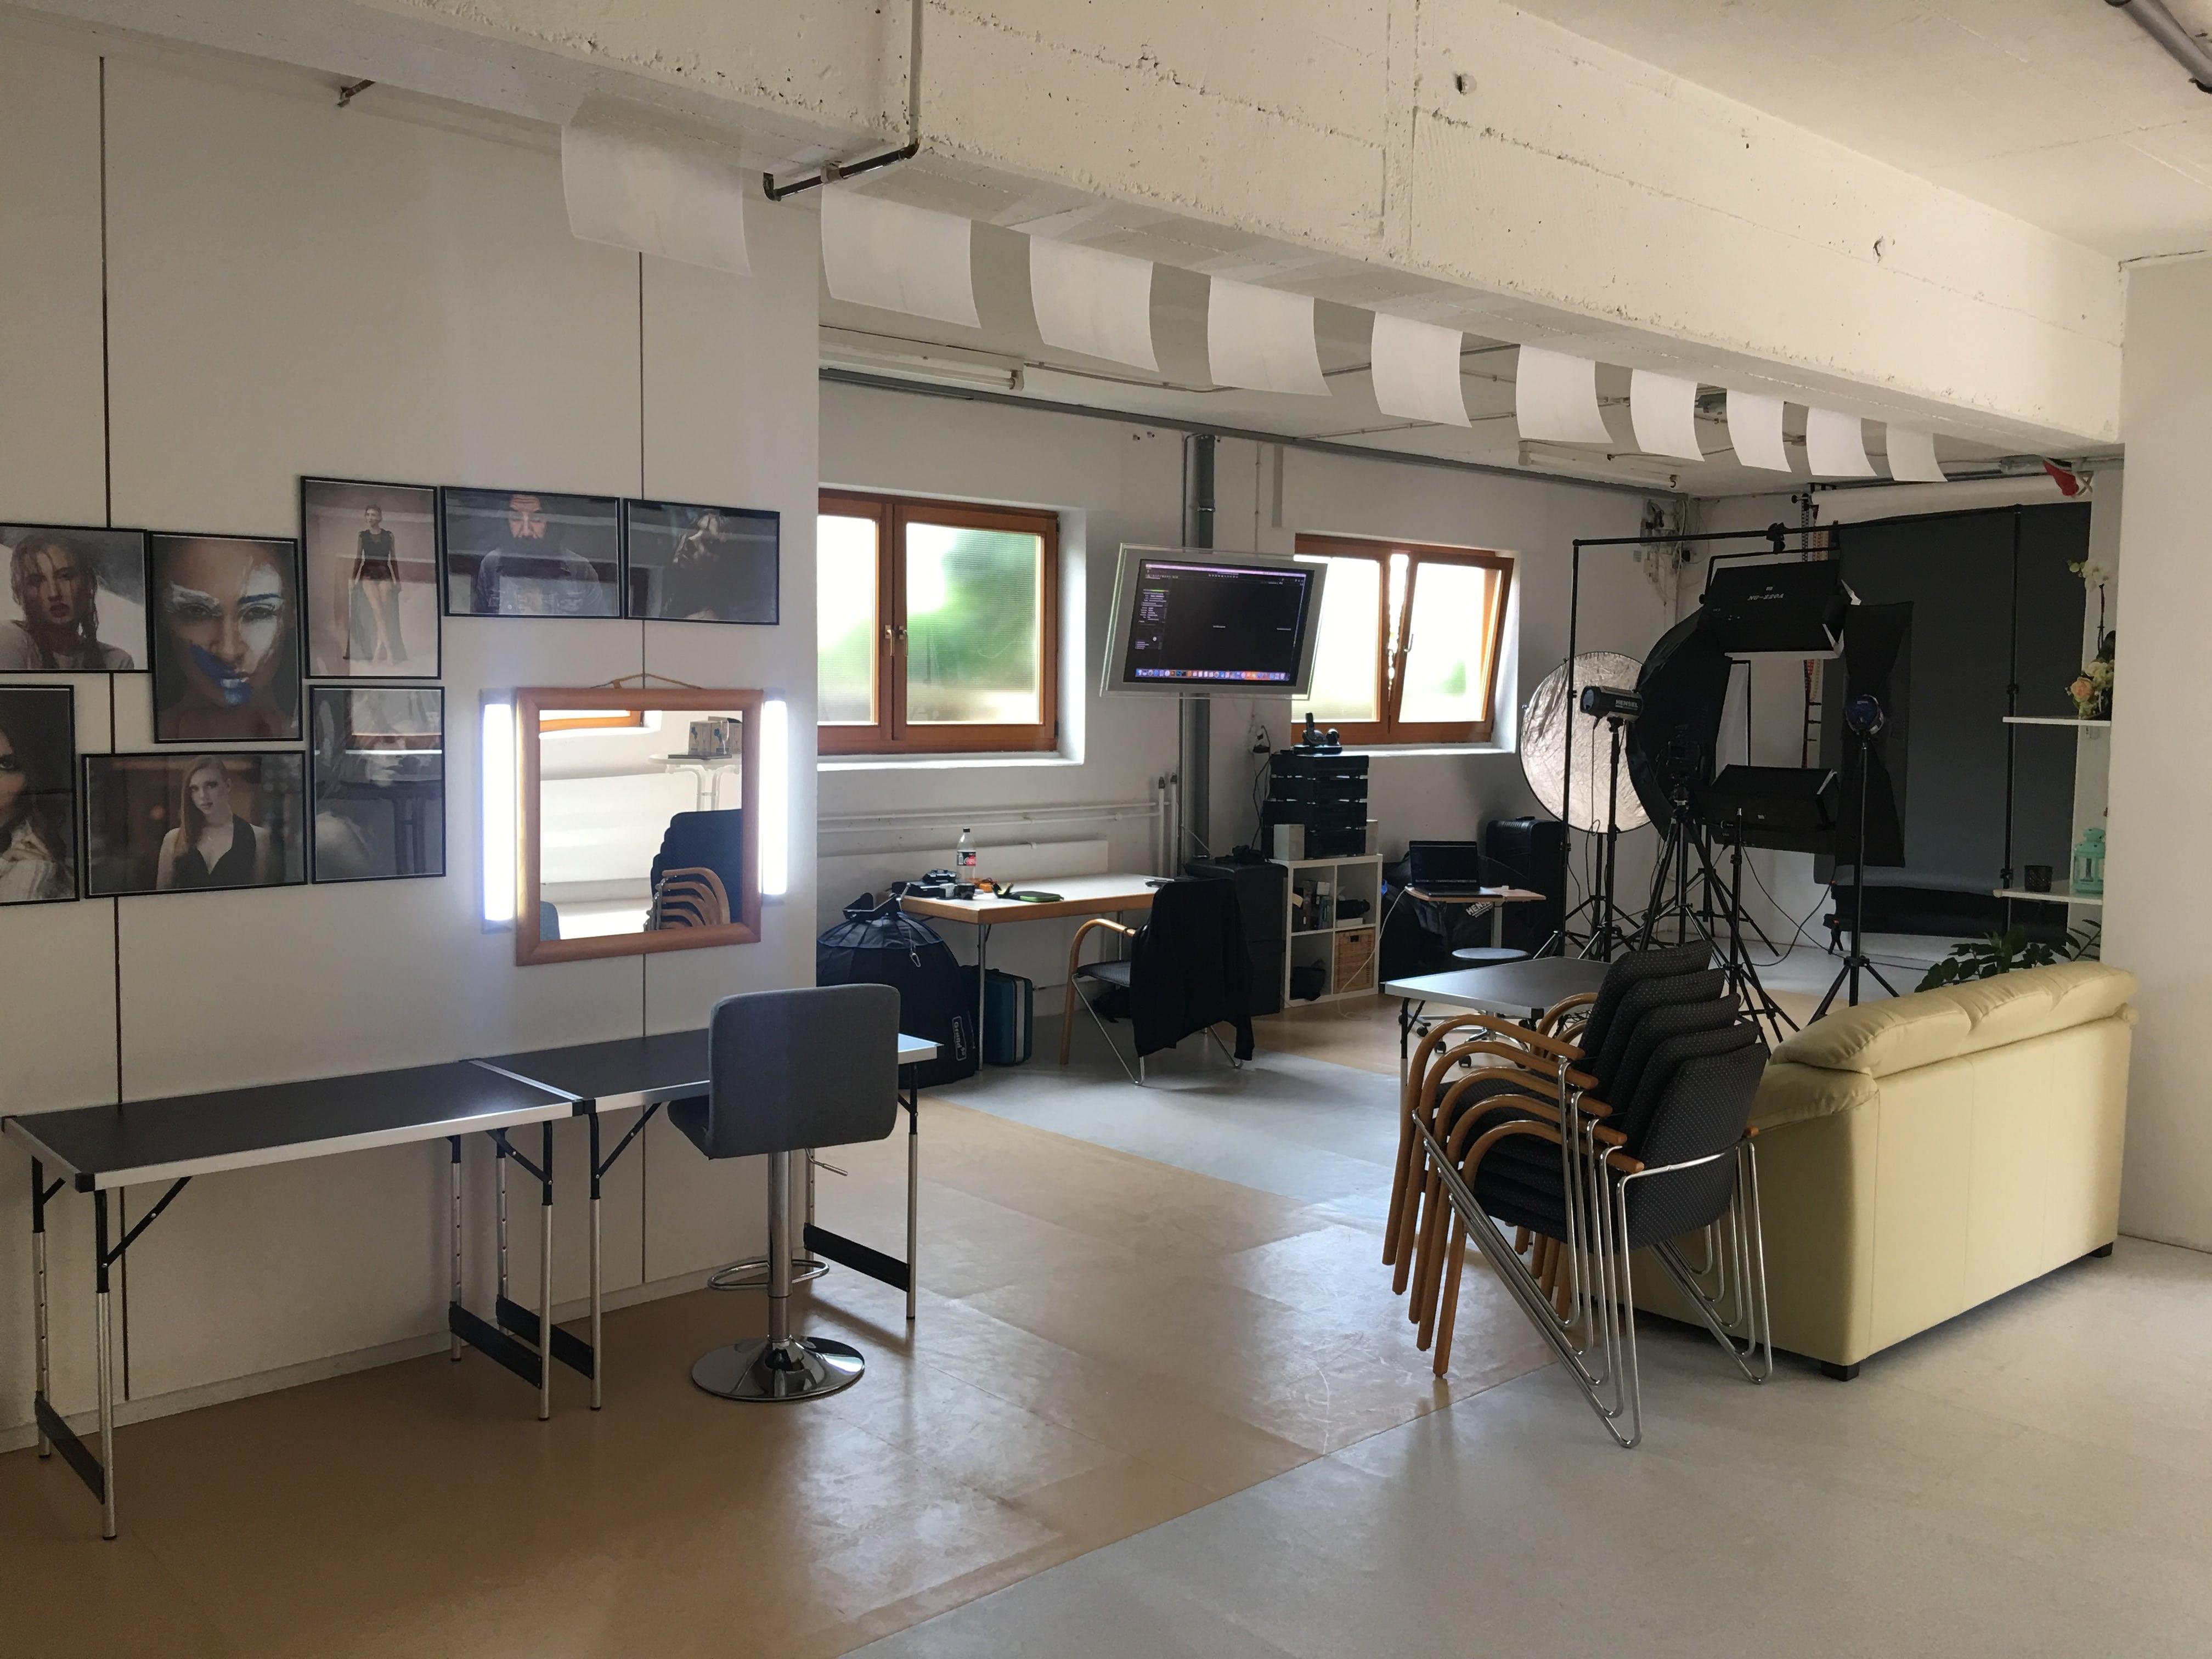 IMG 3229 - Workshop - Einstieg in die Studiofotografie - 07.10.2017